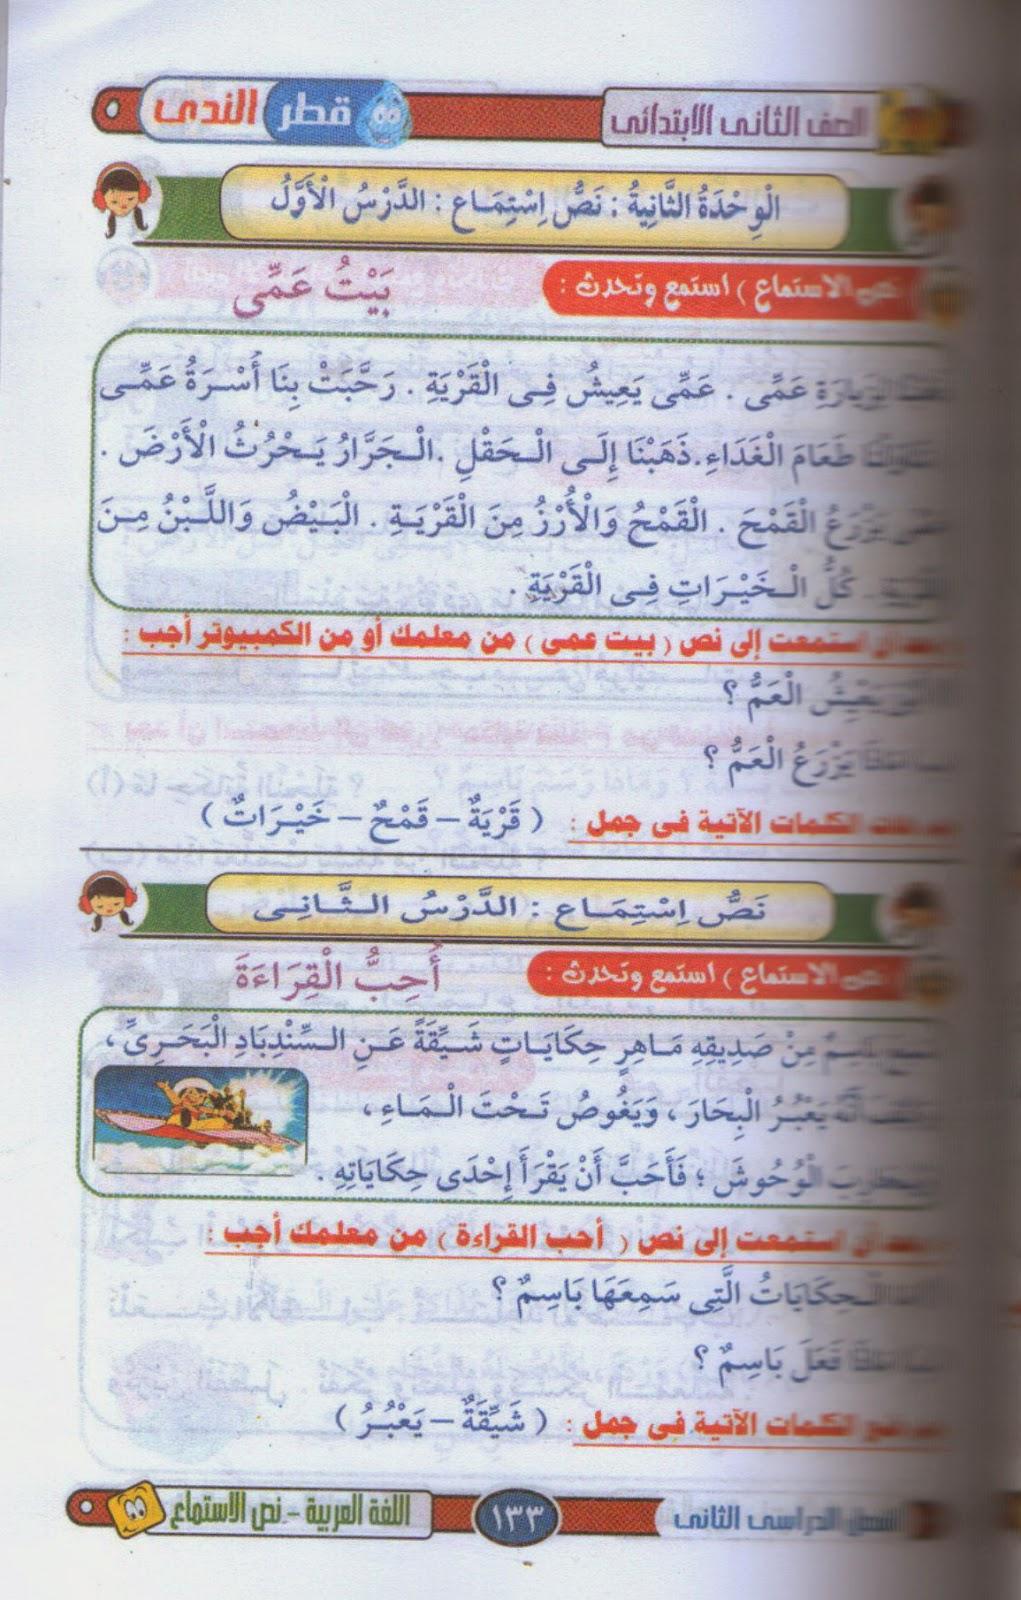 دروس اللغة العربية الكاملة الغير منهجية للصف الثانى الإبتدائى ترم ثانى 2015 4.jpg